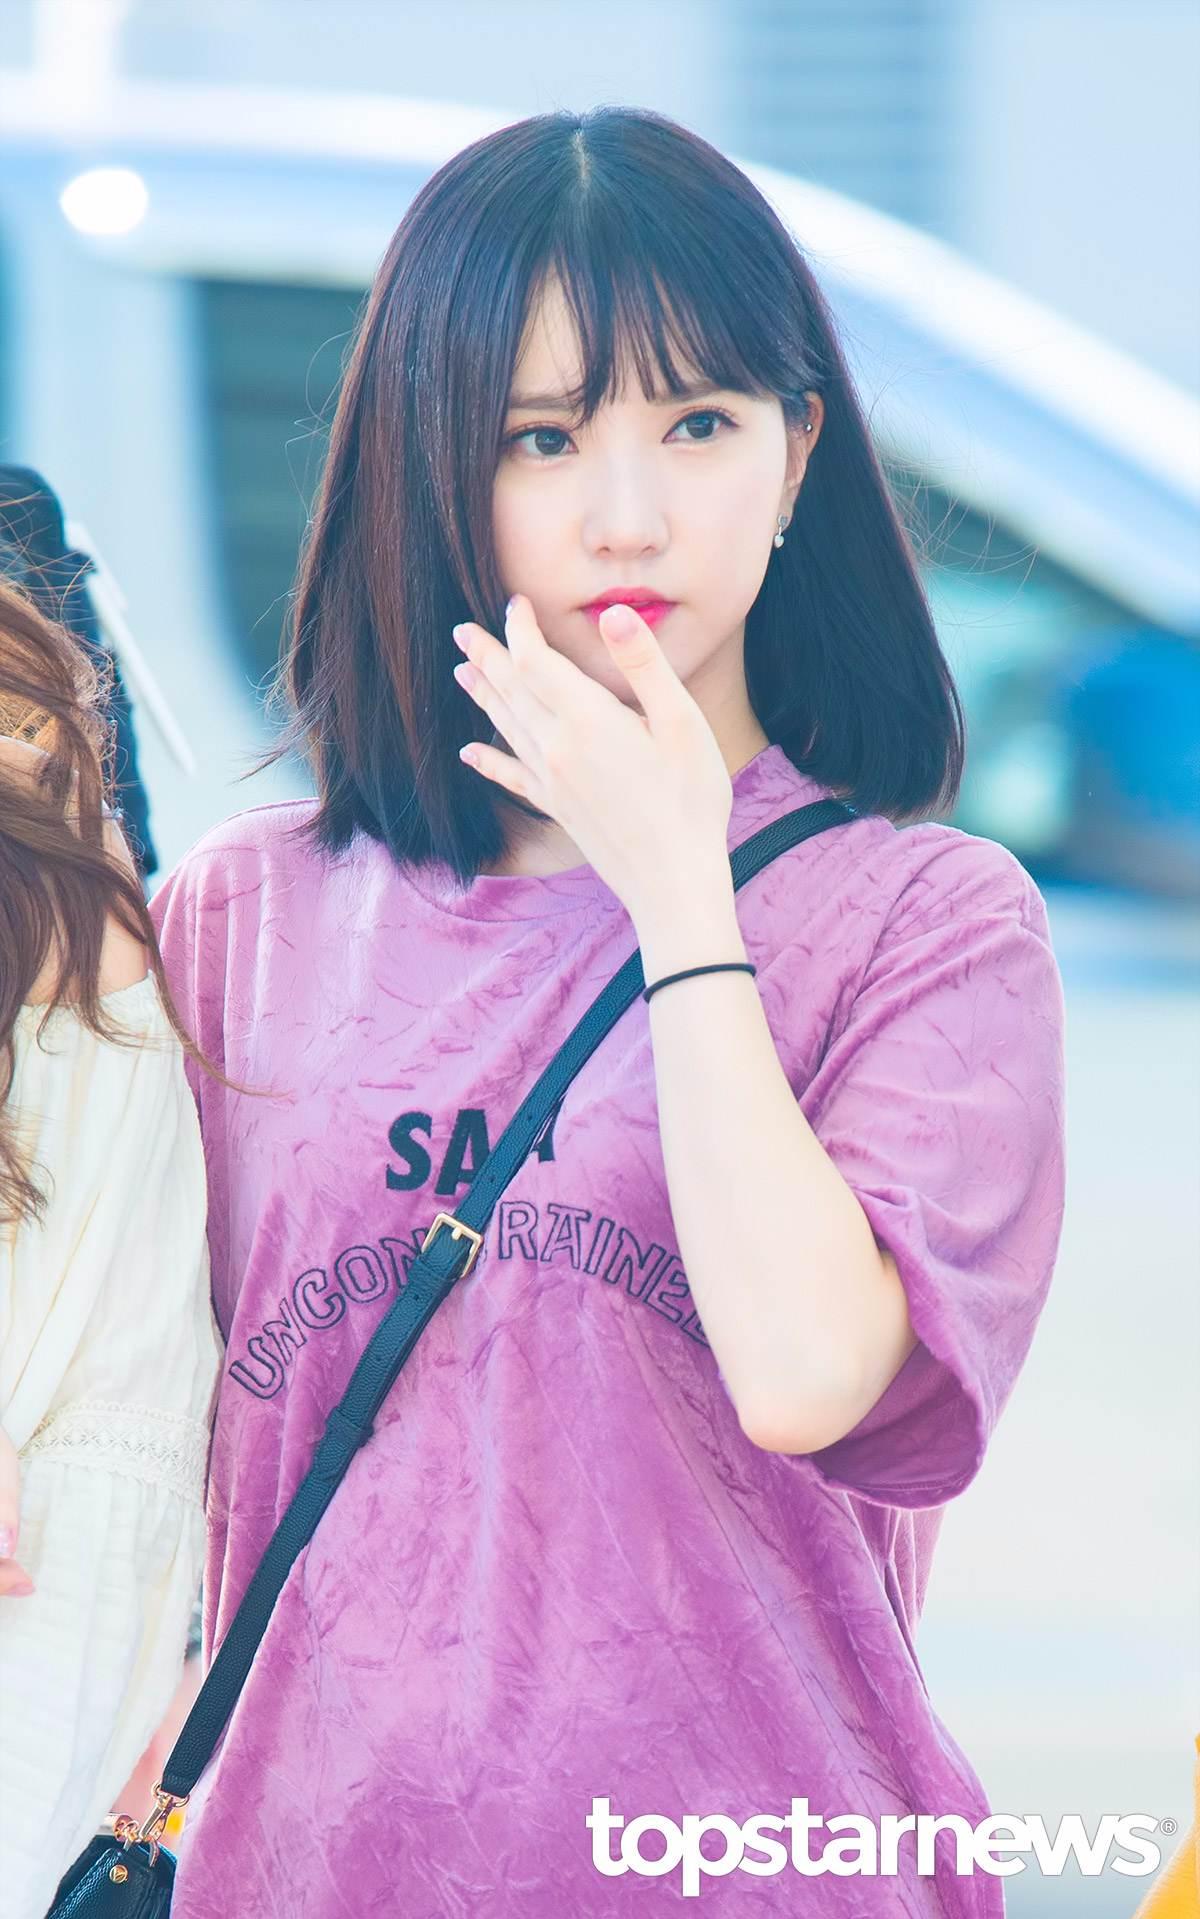 #GFRIEND Eunha 短髮的Eunha 水汪汪的大眼睛,說她是真人版洋娃娃也相信!